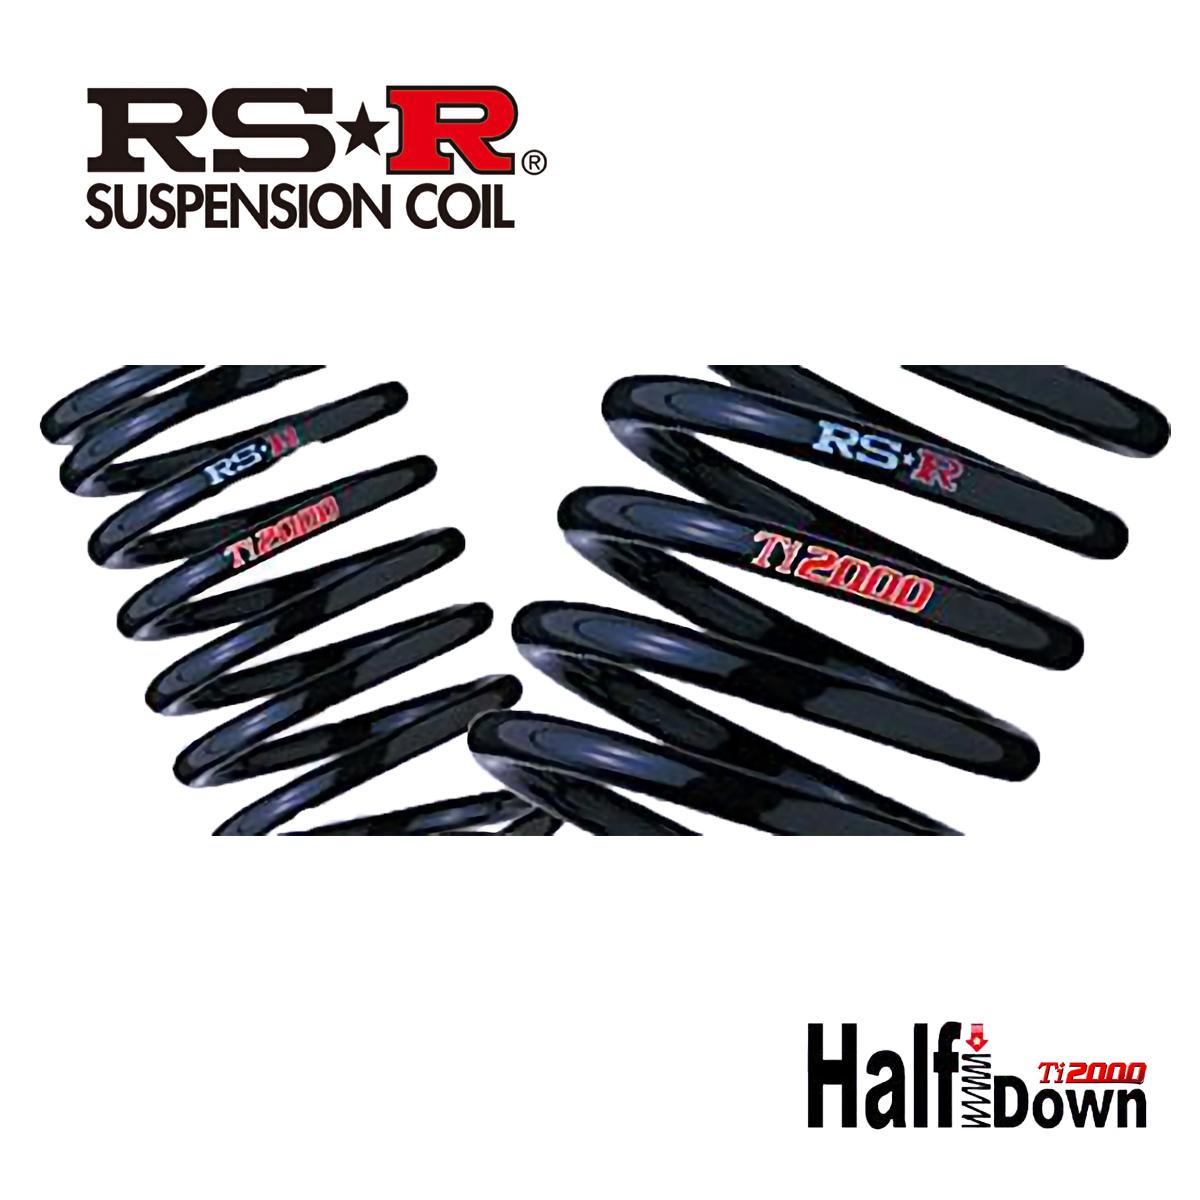 RS-R カローラ ZRE212 S ダウンサス スプリング フロント T813THDF Ti2000 ハーフダウン RSR 個人宅発送追金有